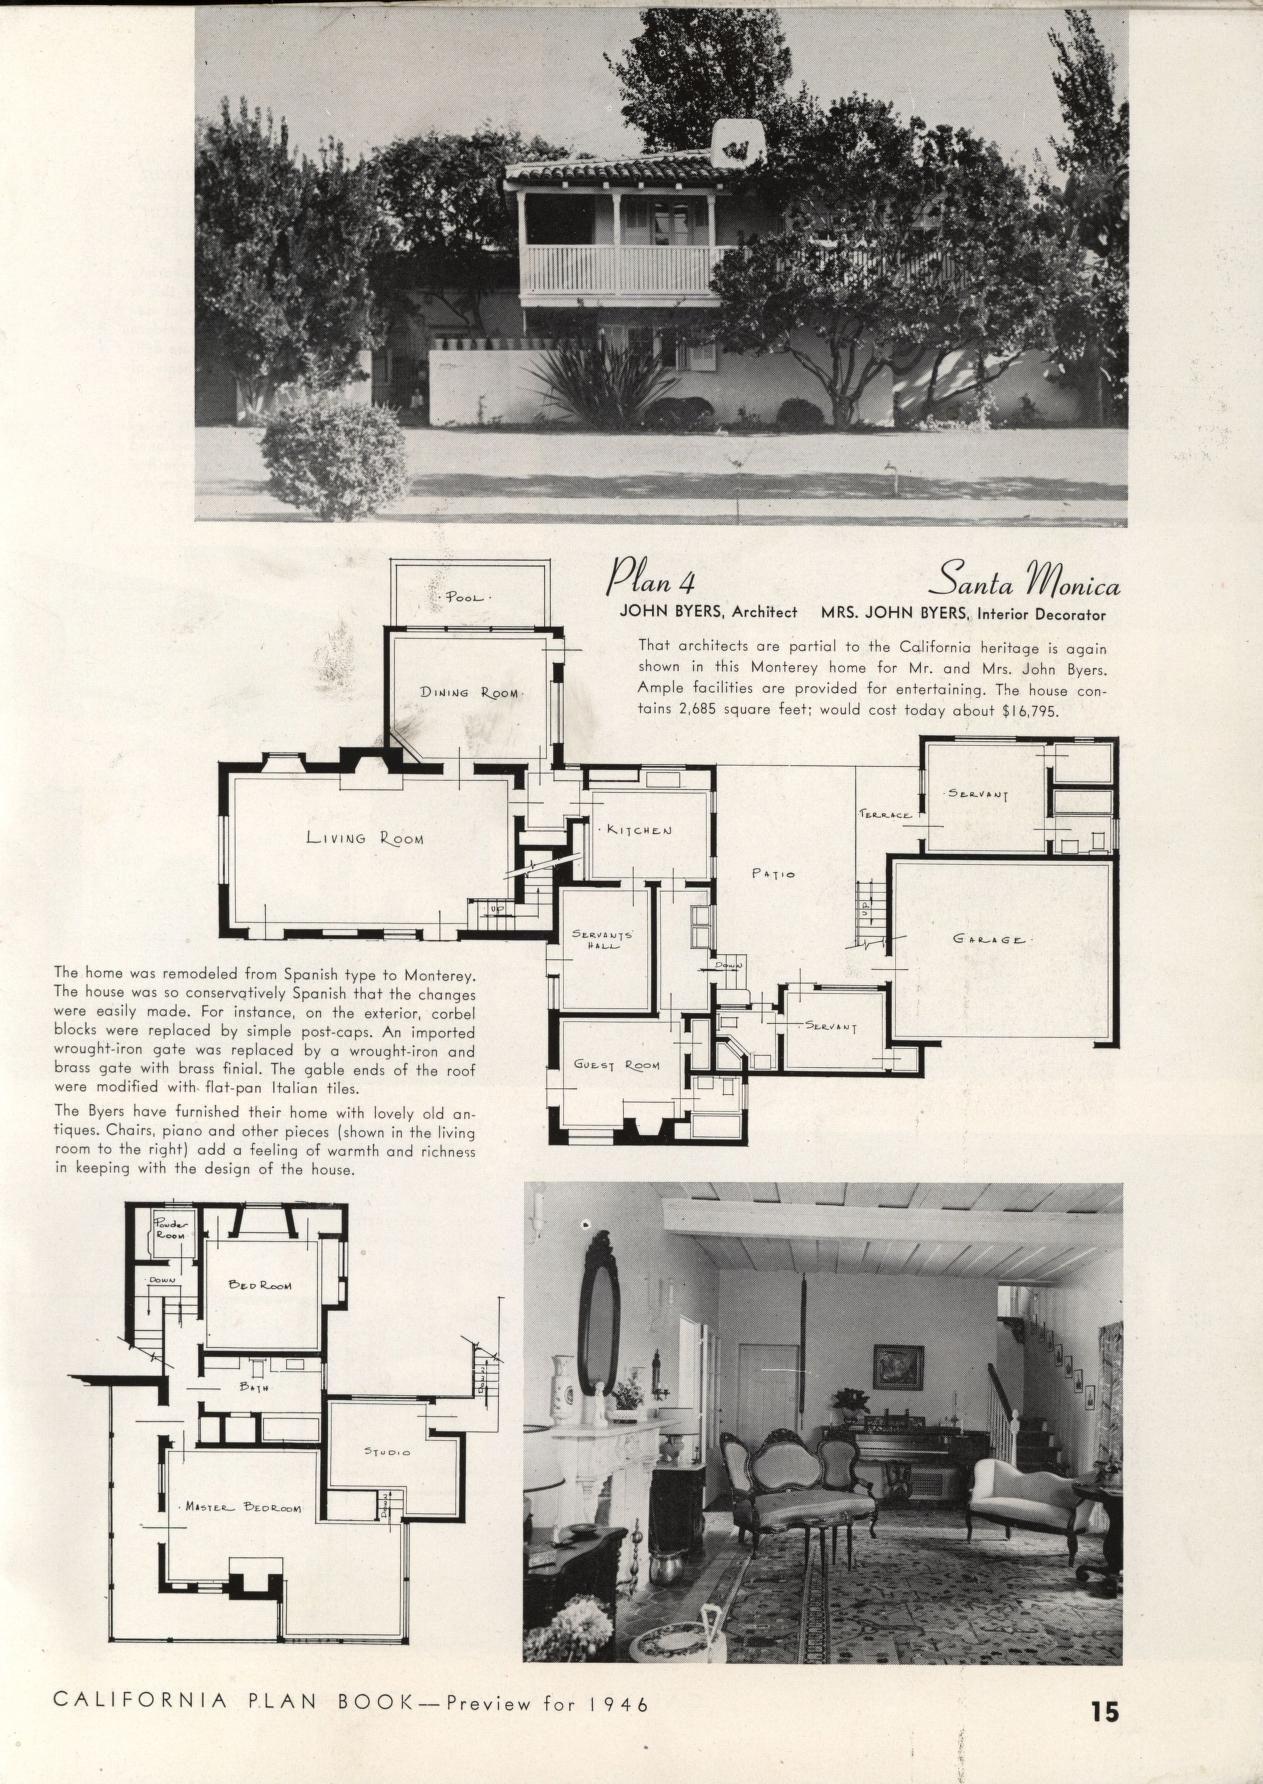 California Plan Book : 1946